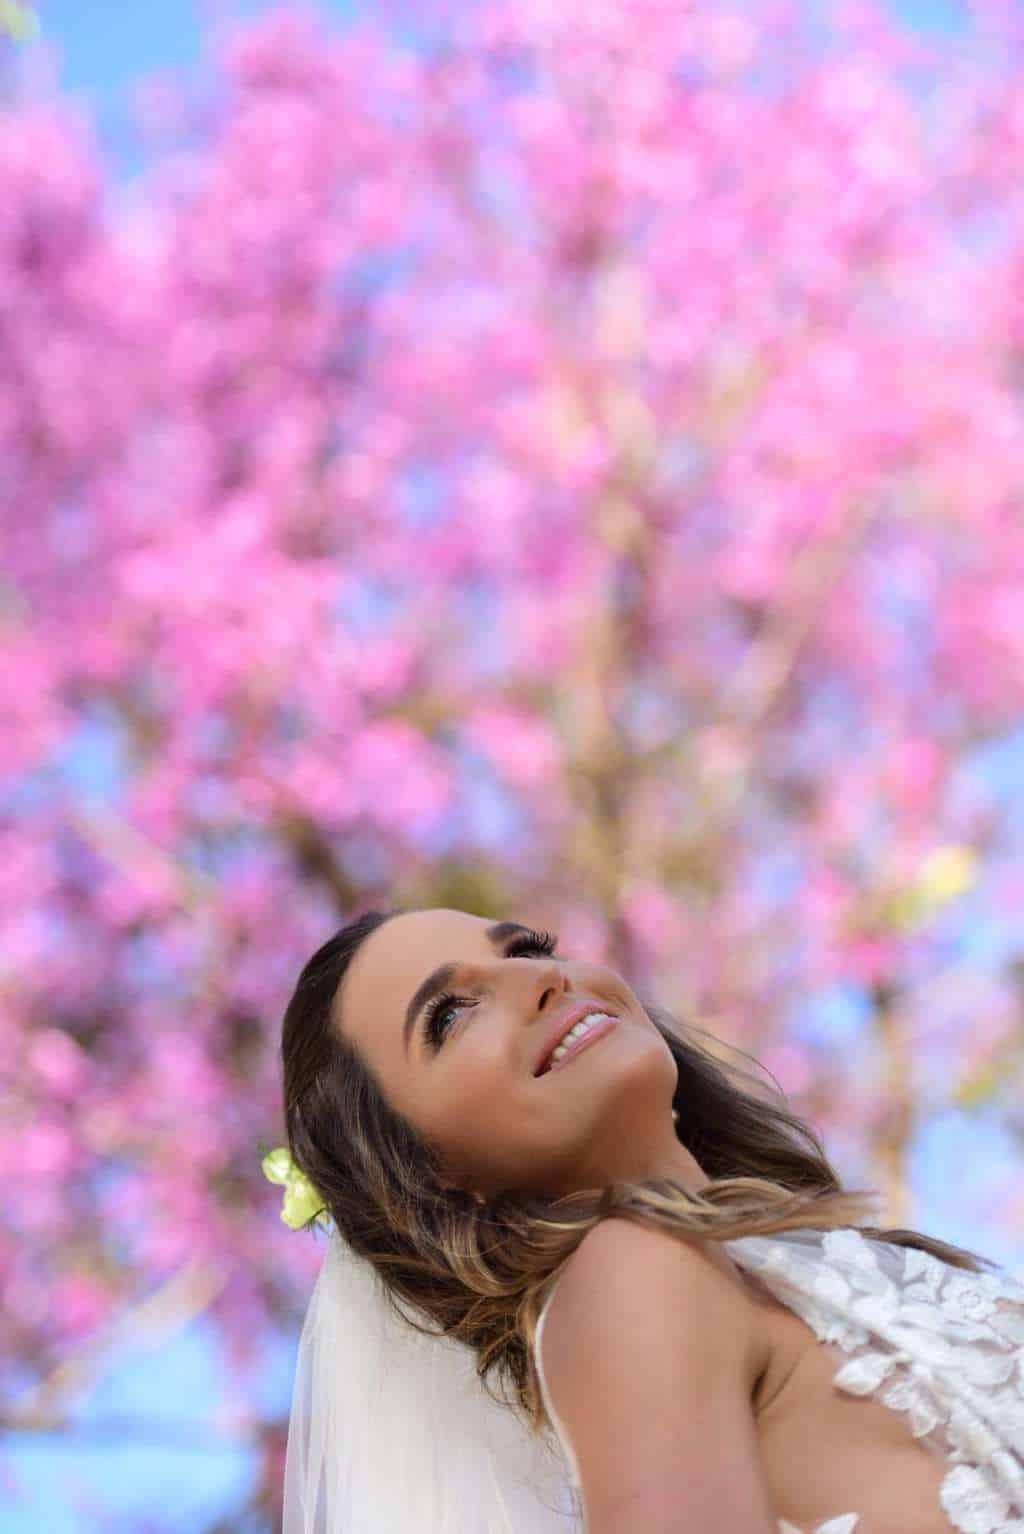 casamento-boho-Casamento-Nicolle-e-Pedro-casamento-rosa-Estalagem-Alter-Real-Fotografia-Estudio-Maria-Celia-Siqueira-Fotografia-Rosana-Sales-Goiania-87